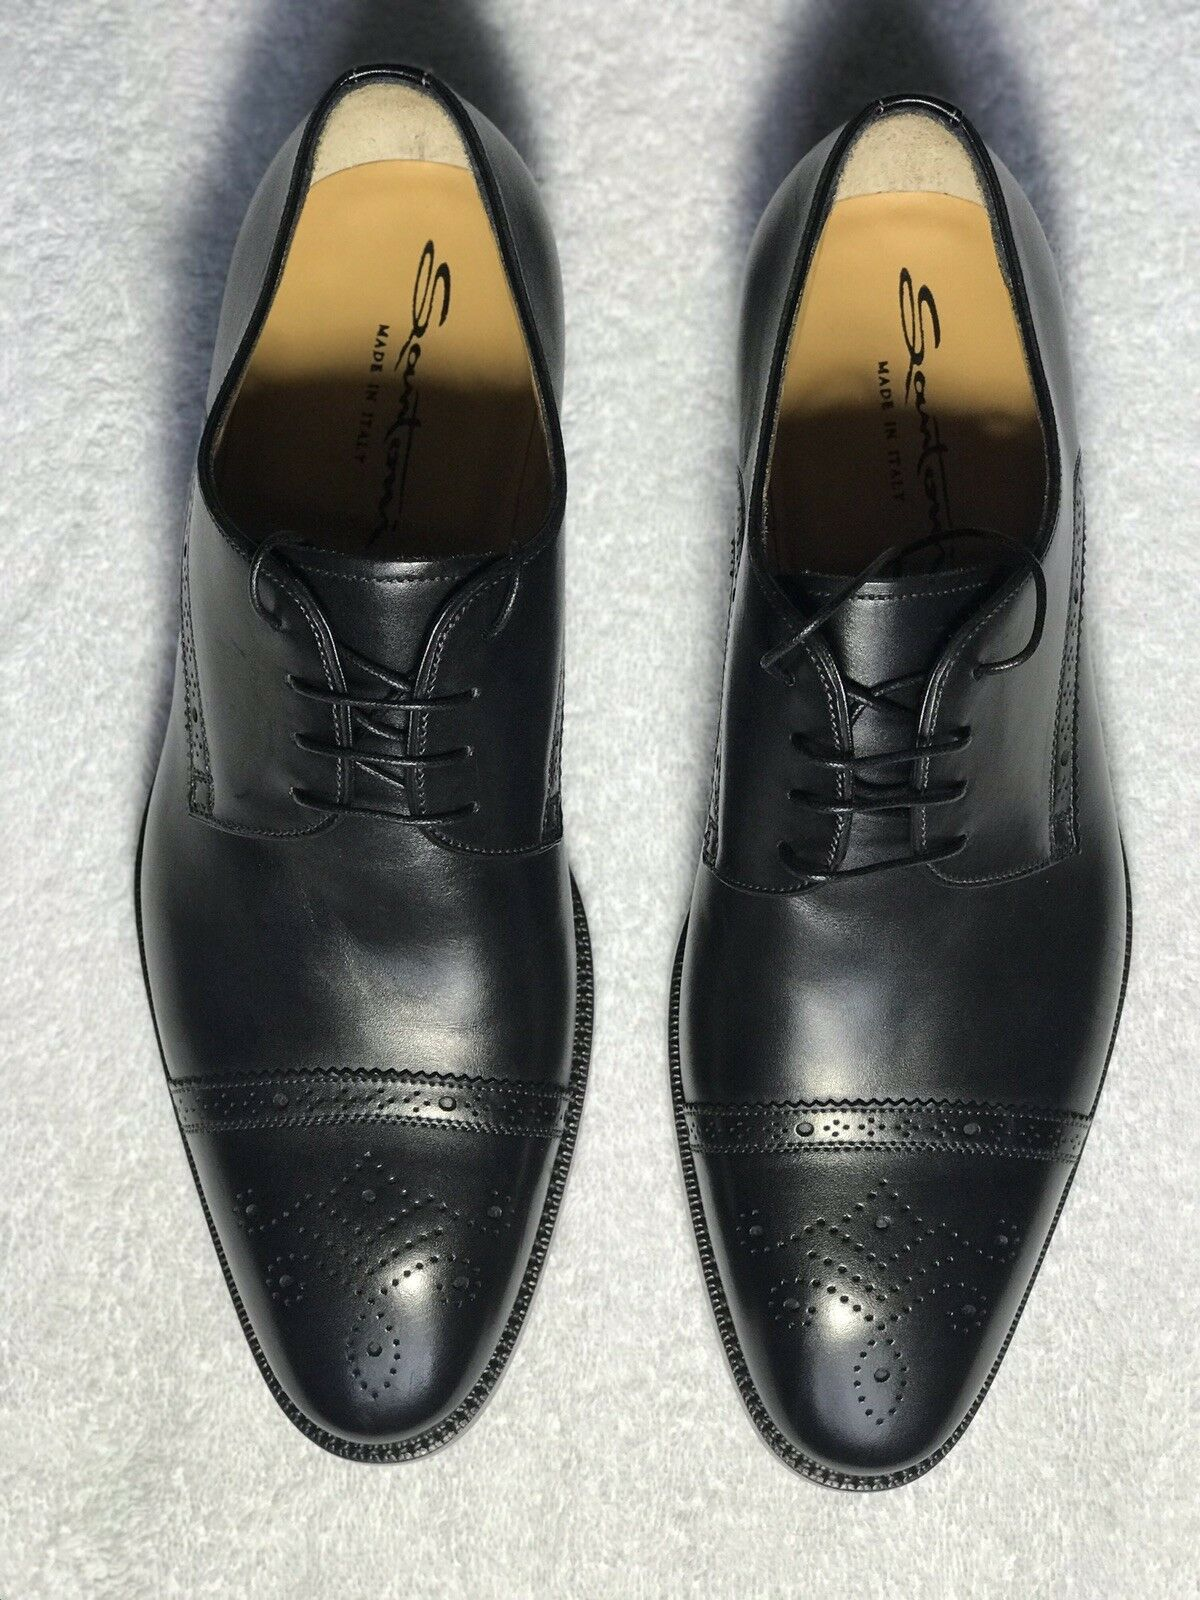 Santoni nero Dress scarpe Cap Toe Oxfords Soft Italian Leather Dimensione 7.5